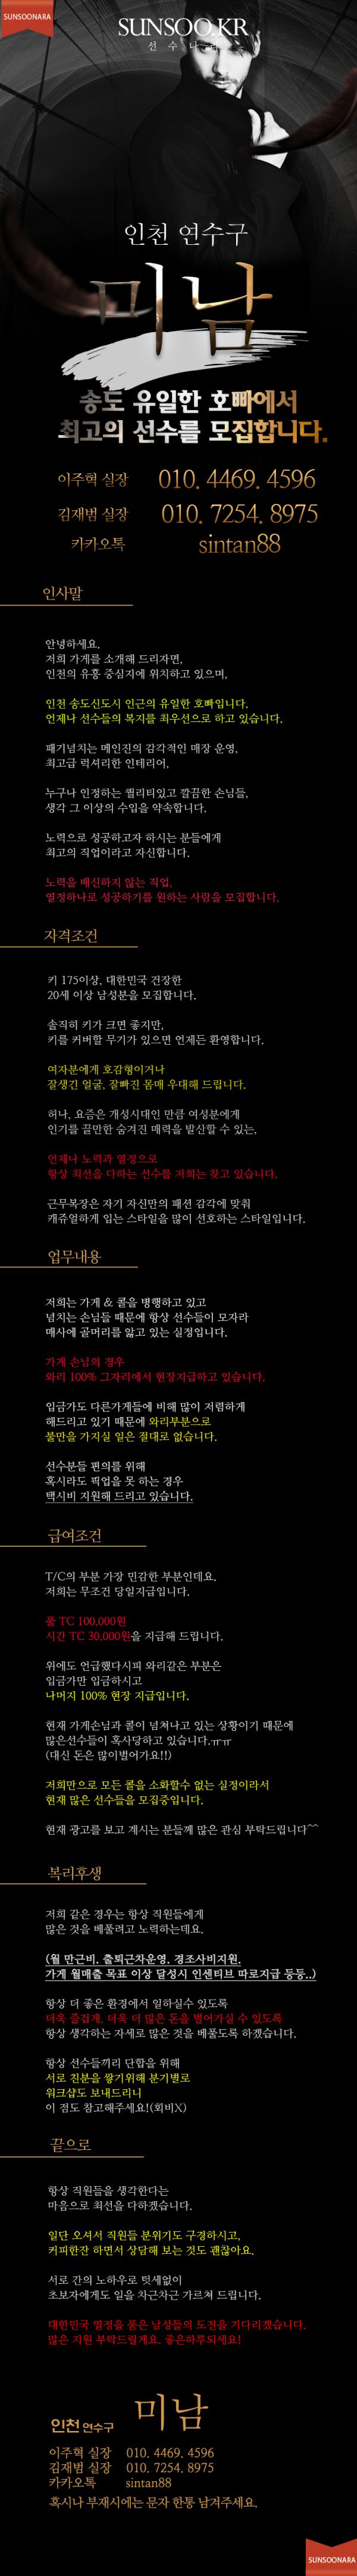 송도 미남.png